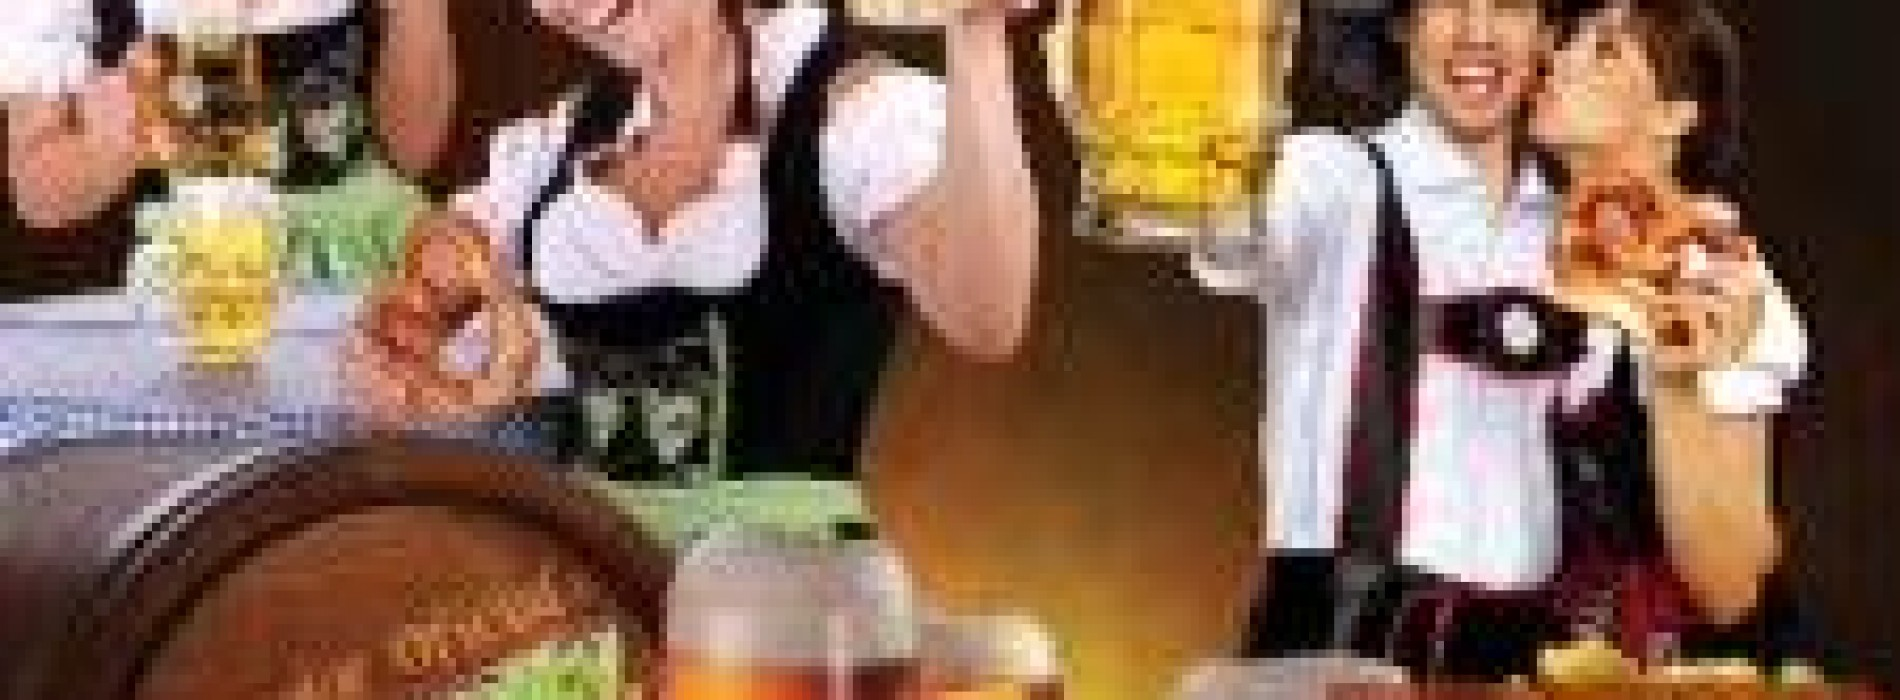 Norok Oktoberfest – festivalul berii germane din Parcul Tineretului la a treia ediţie